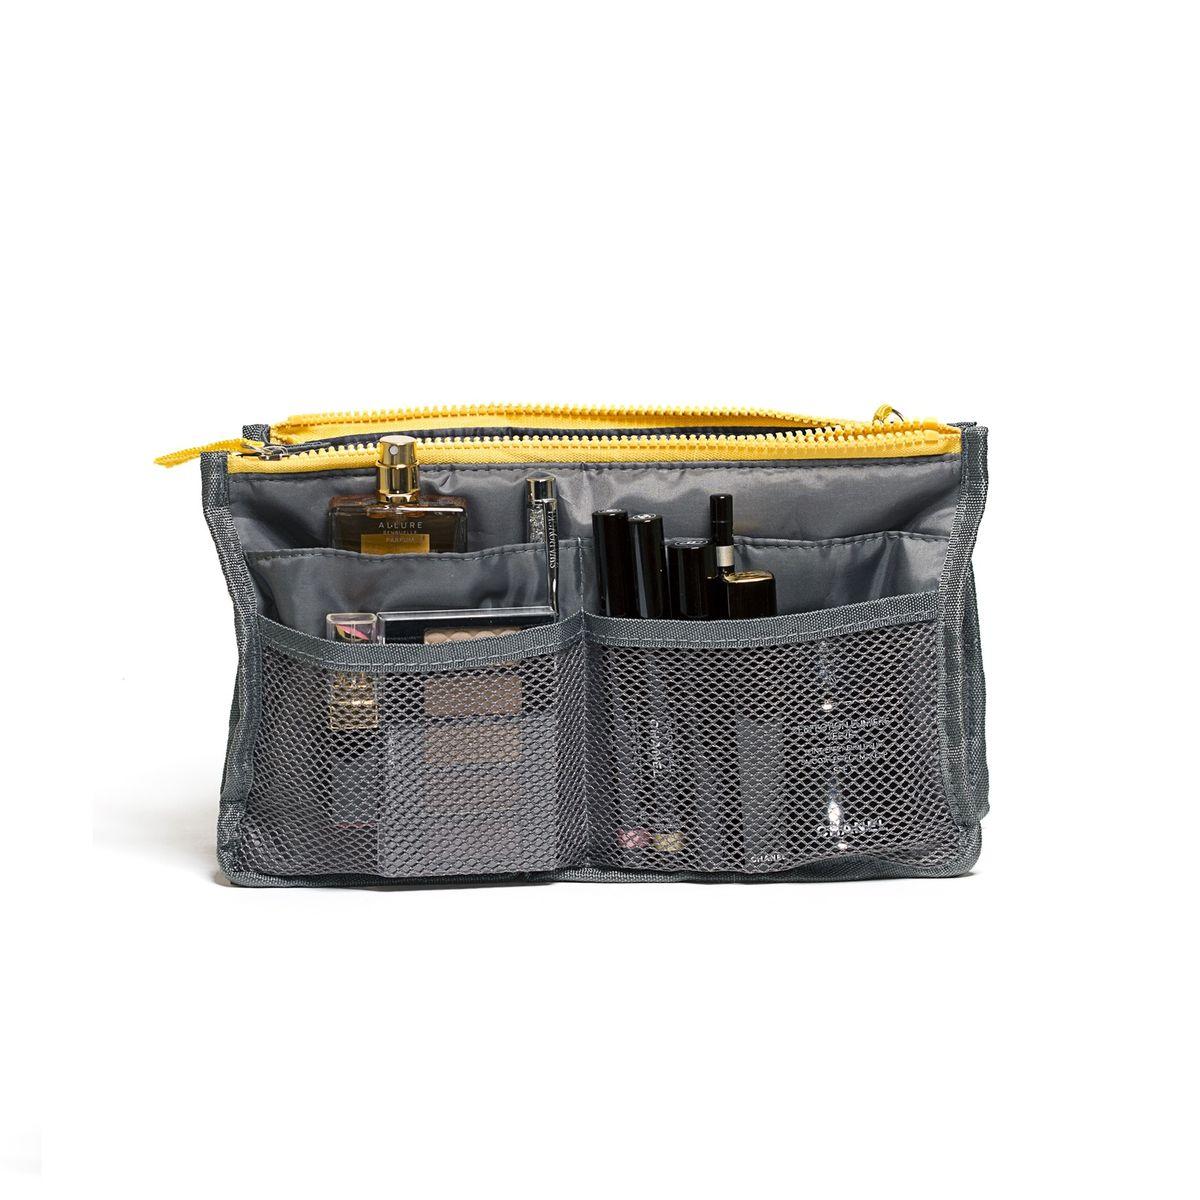 Органайзер для сумки Homsu, цвет: серый, 30 x 8,5 x 18,5 смS03301004Органайзер для сумки Homsu выполнен из ткани и полиэстера. Этот органайзер благодаря трем вместительным отделениям для вещей, четырем кармашкам по бокам и шести кармашкам в виде сетки обеспечит полный порядок в вашей сумке. Кроме того, изделие обладает интересным стилем, выполнено в сером цвете и оснащено двумя крепкими ручками, что позволяет применять его и вне сумки, как отдельный аксессуар.